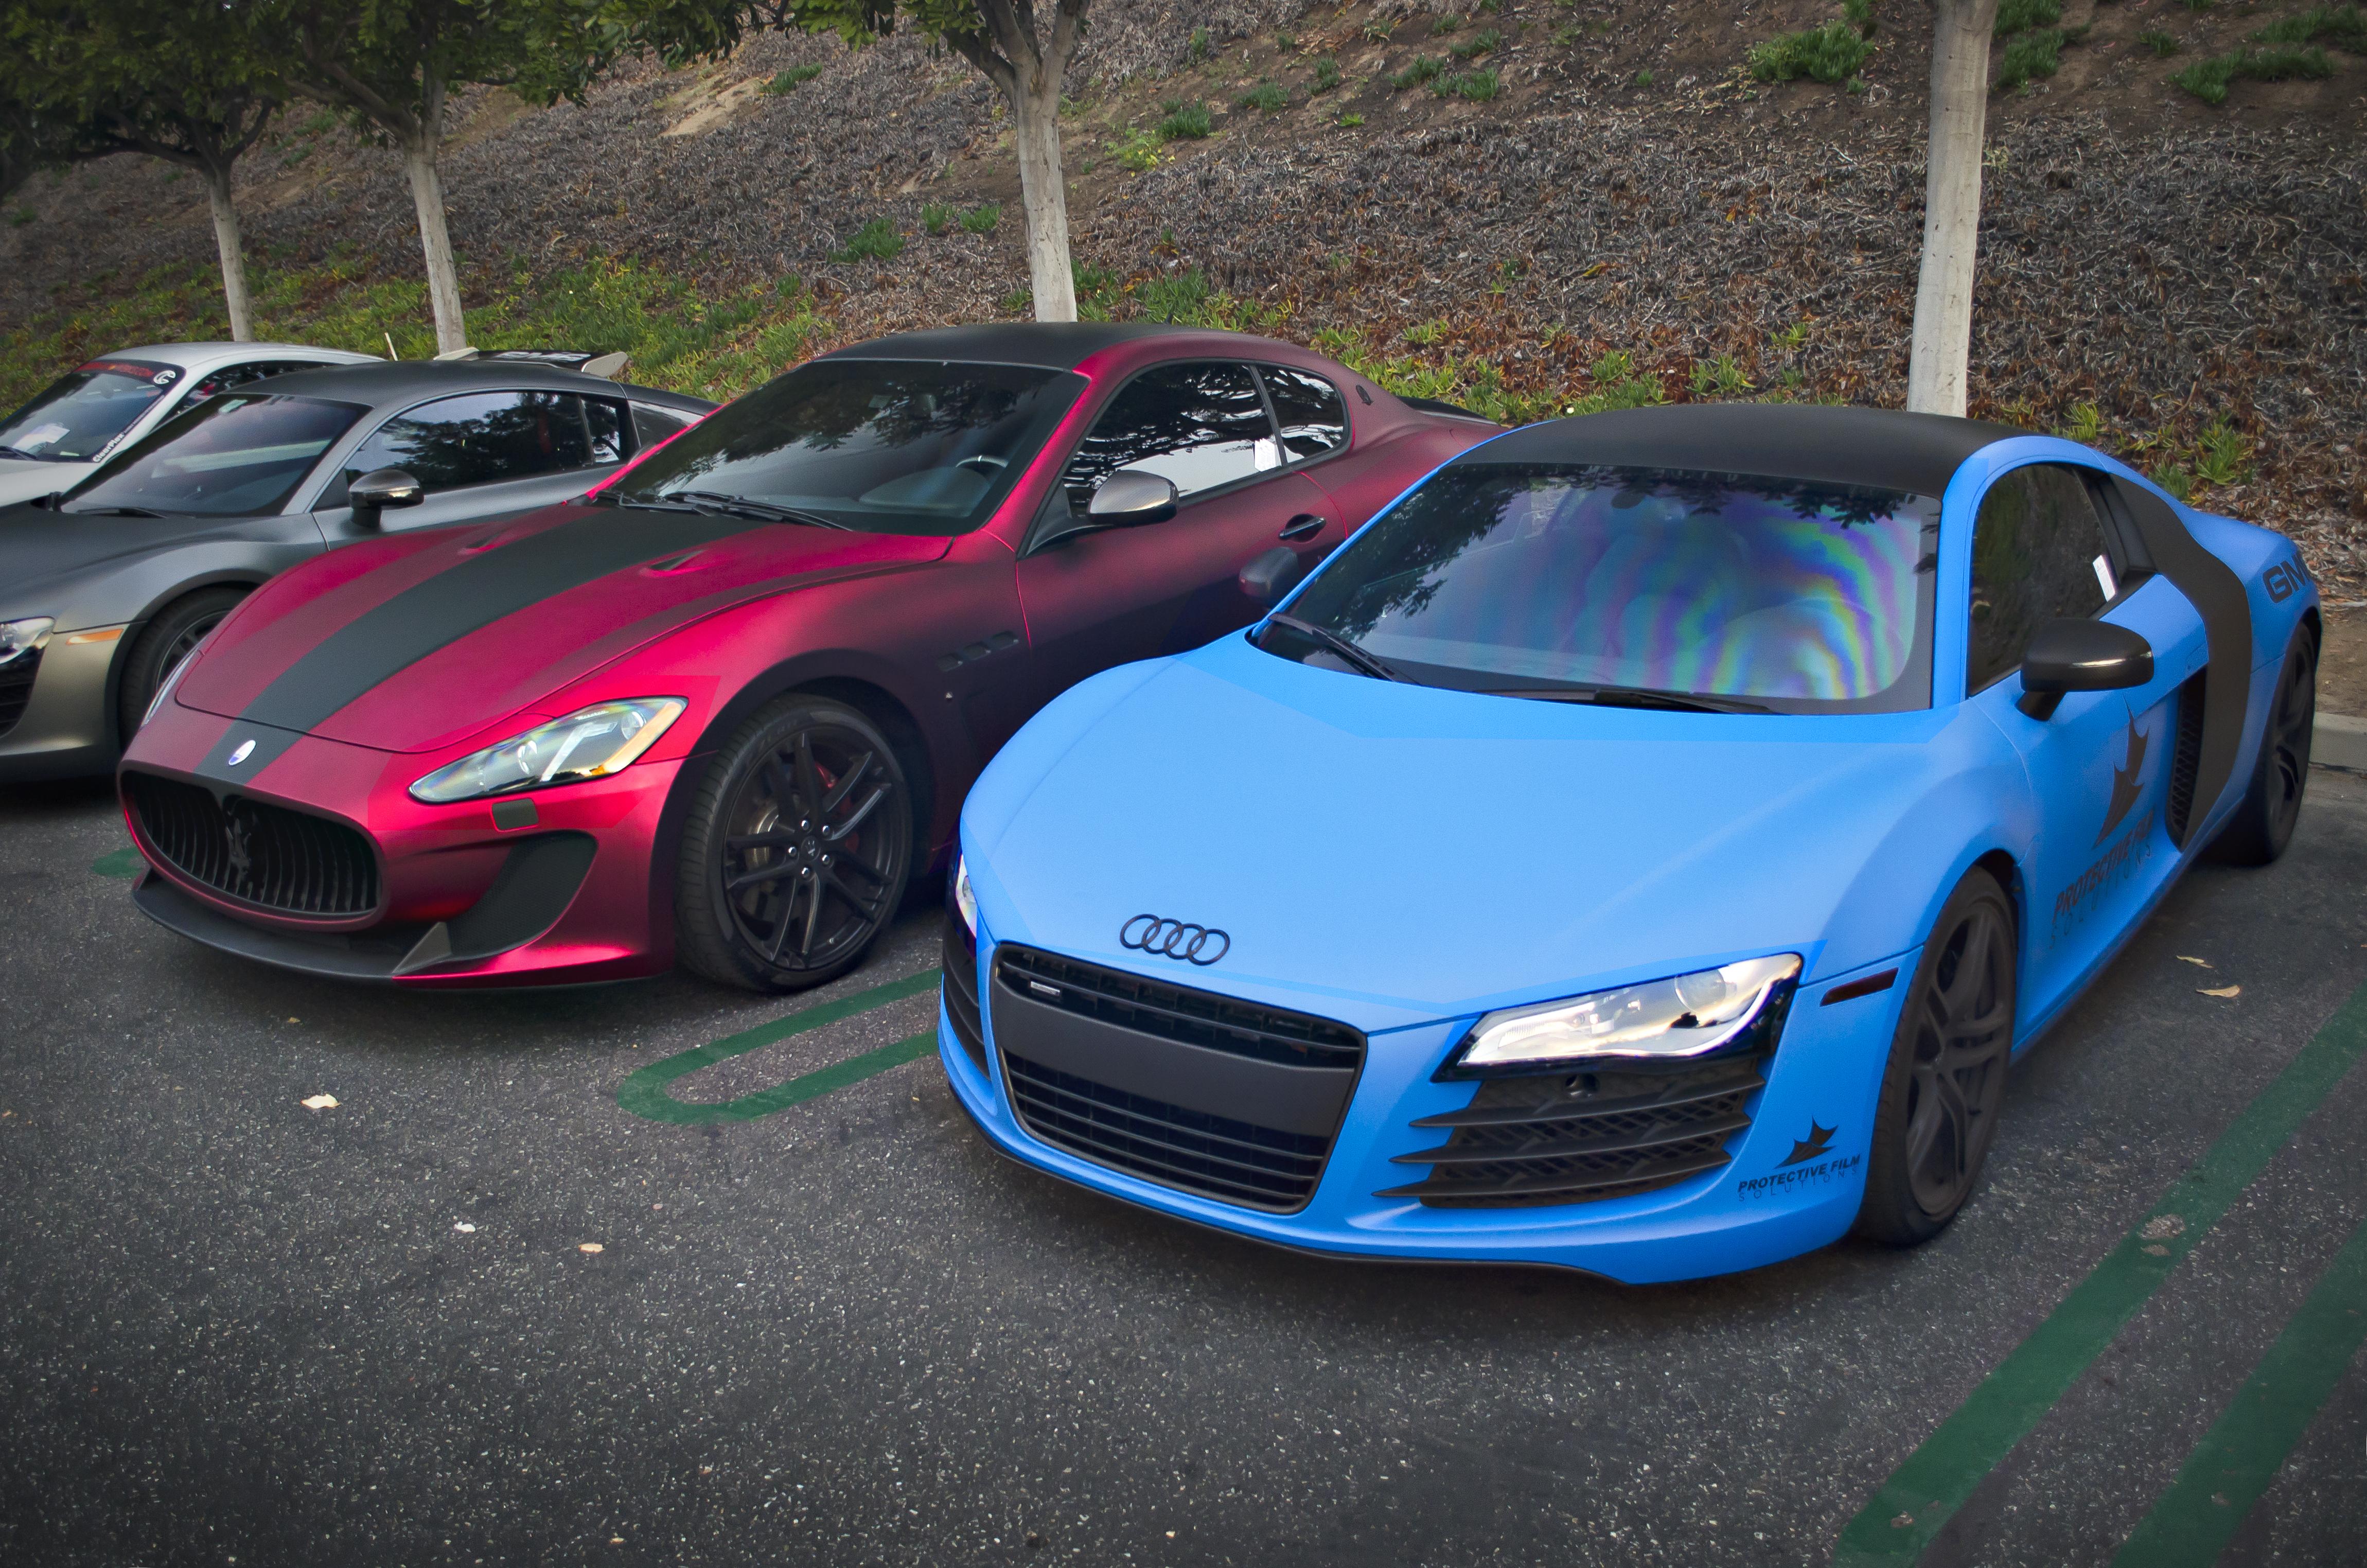 Audi R8 Matte Green